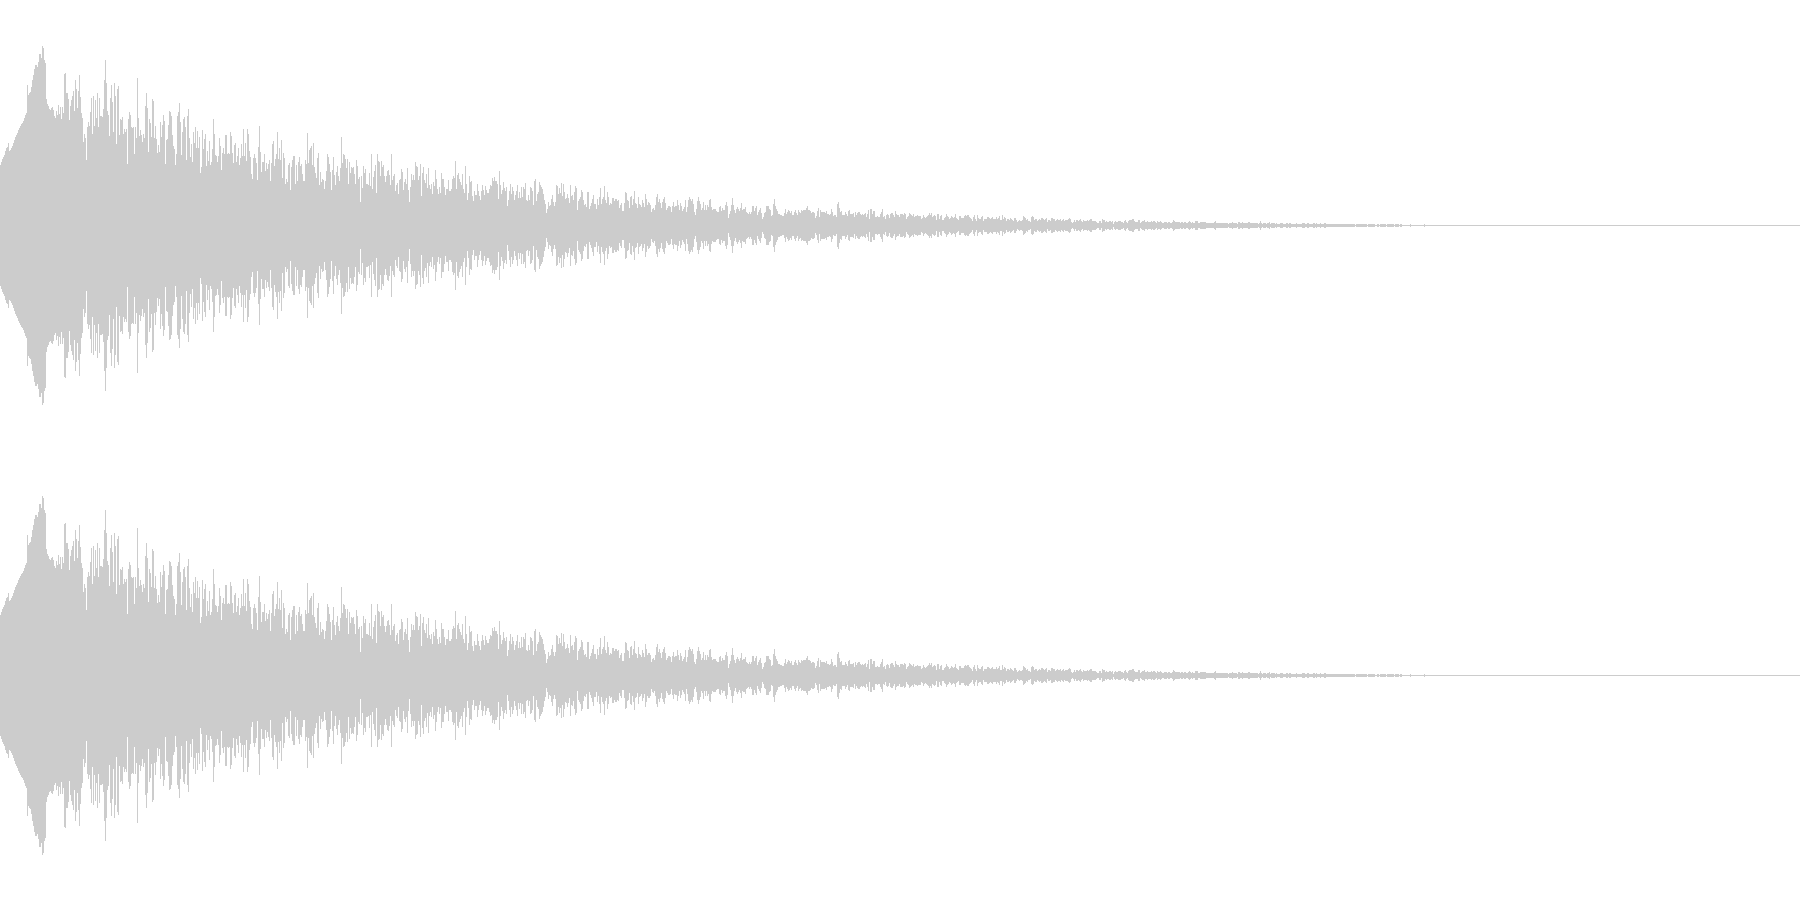 流れ星のような効果音(キラキラ/下降系)の未再生の波形